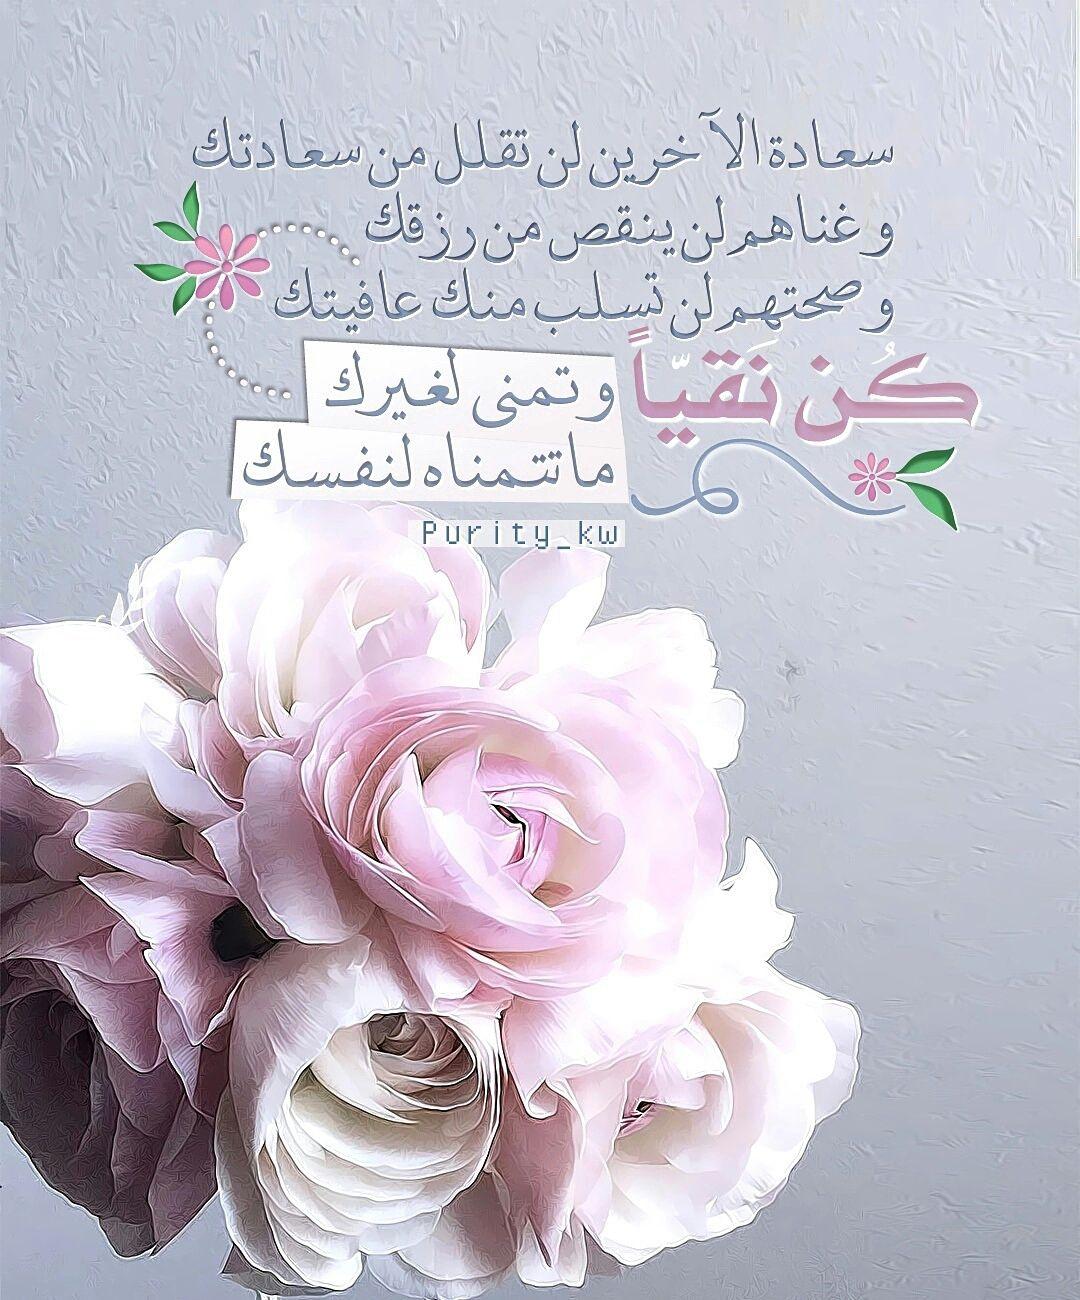 سعادة الآخرين لن تقلل من سعادتك و غناهم لن ينقص من رزقك و صحتهم لن تسلب منك عافيتك كن نقيا و تمنى لغيرك ما Islamic Pictures Beautiful Words Place Card Holders